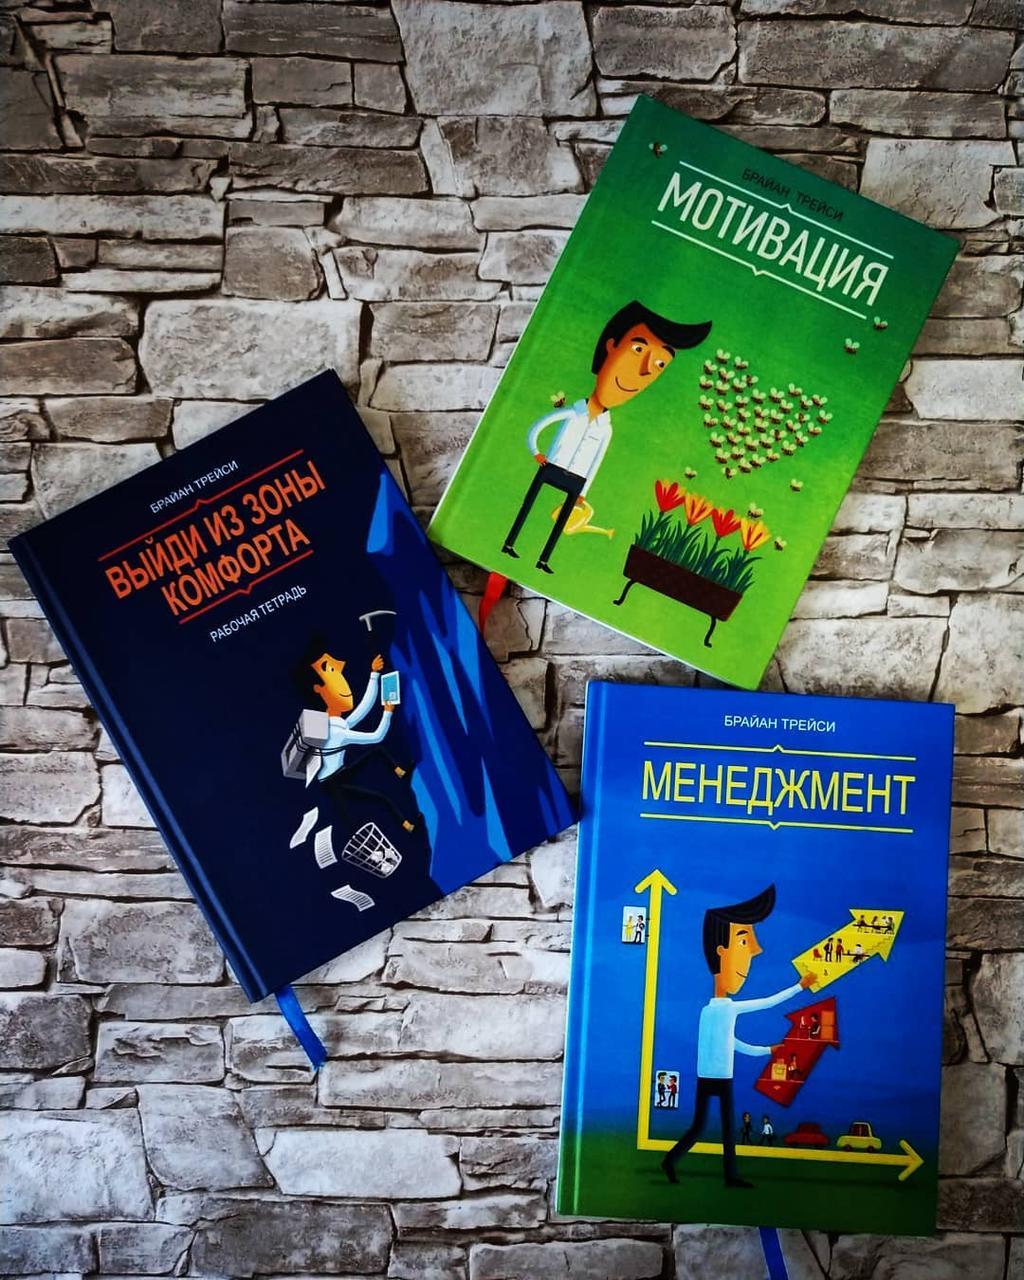 """Набор книг """"Мотивация"""", """"Менеджмент"""", """"Выйди из зоны комфорта. Рабочая тетрадь"""" Б. Трейси"""